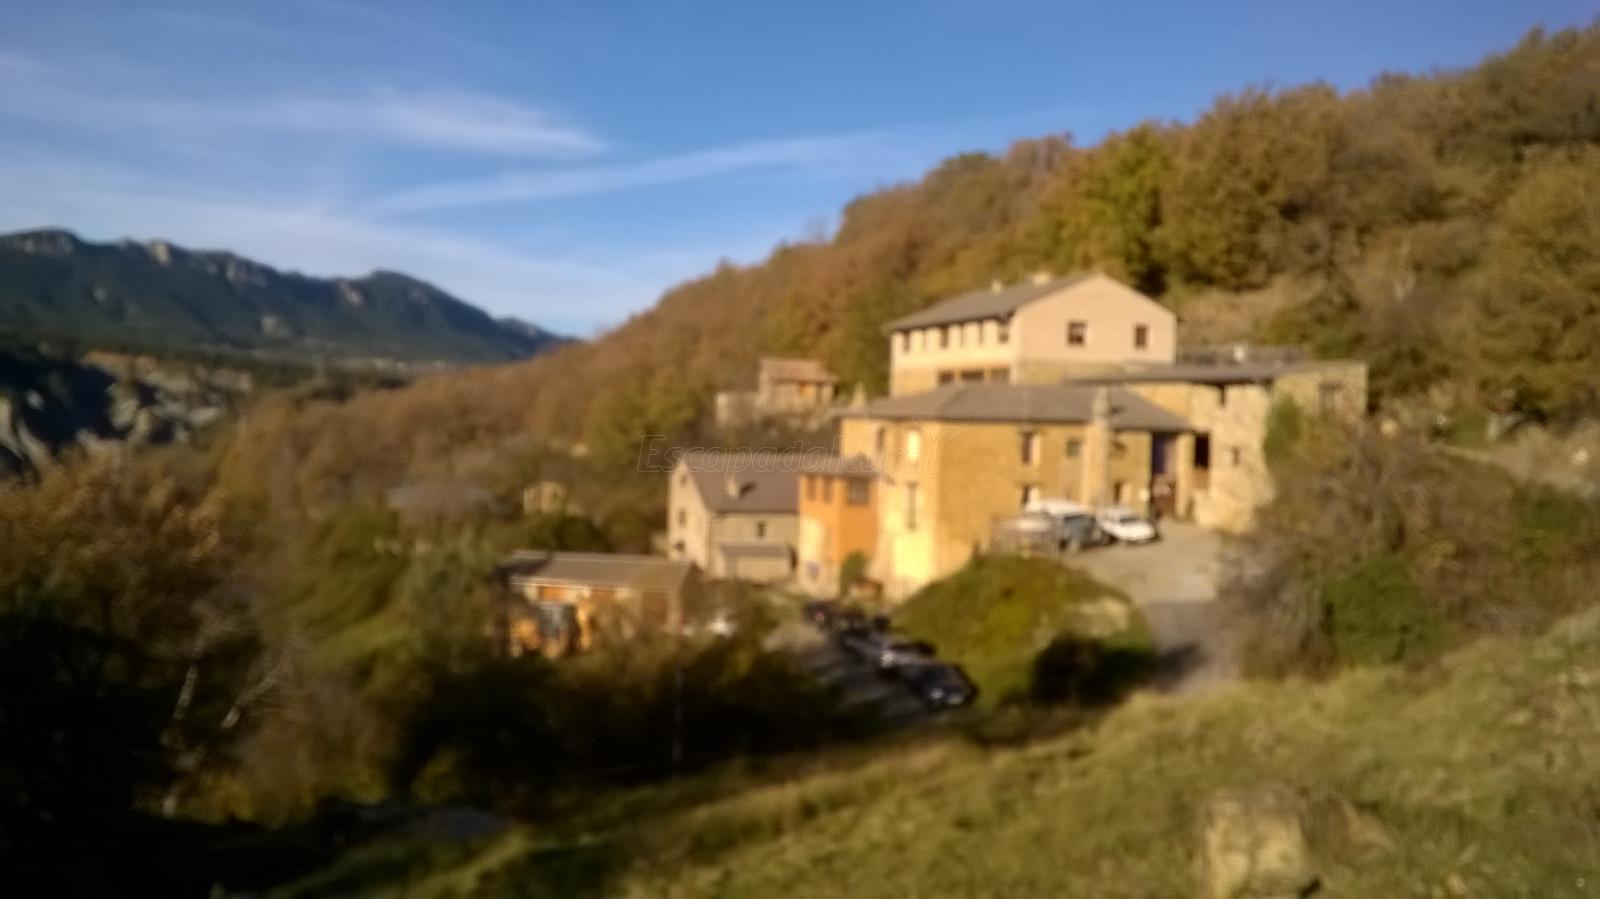 Opiniones sobre Casa Rural Tomaso de Reperós (Huesca)